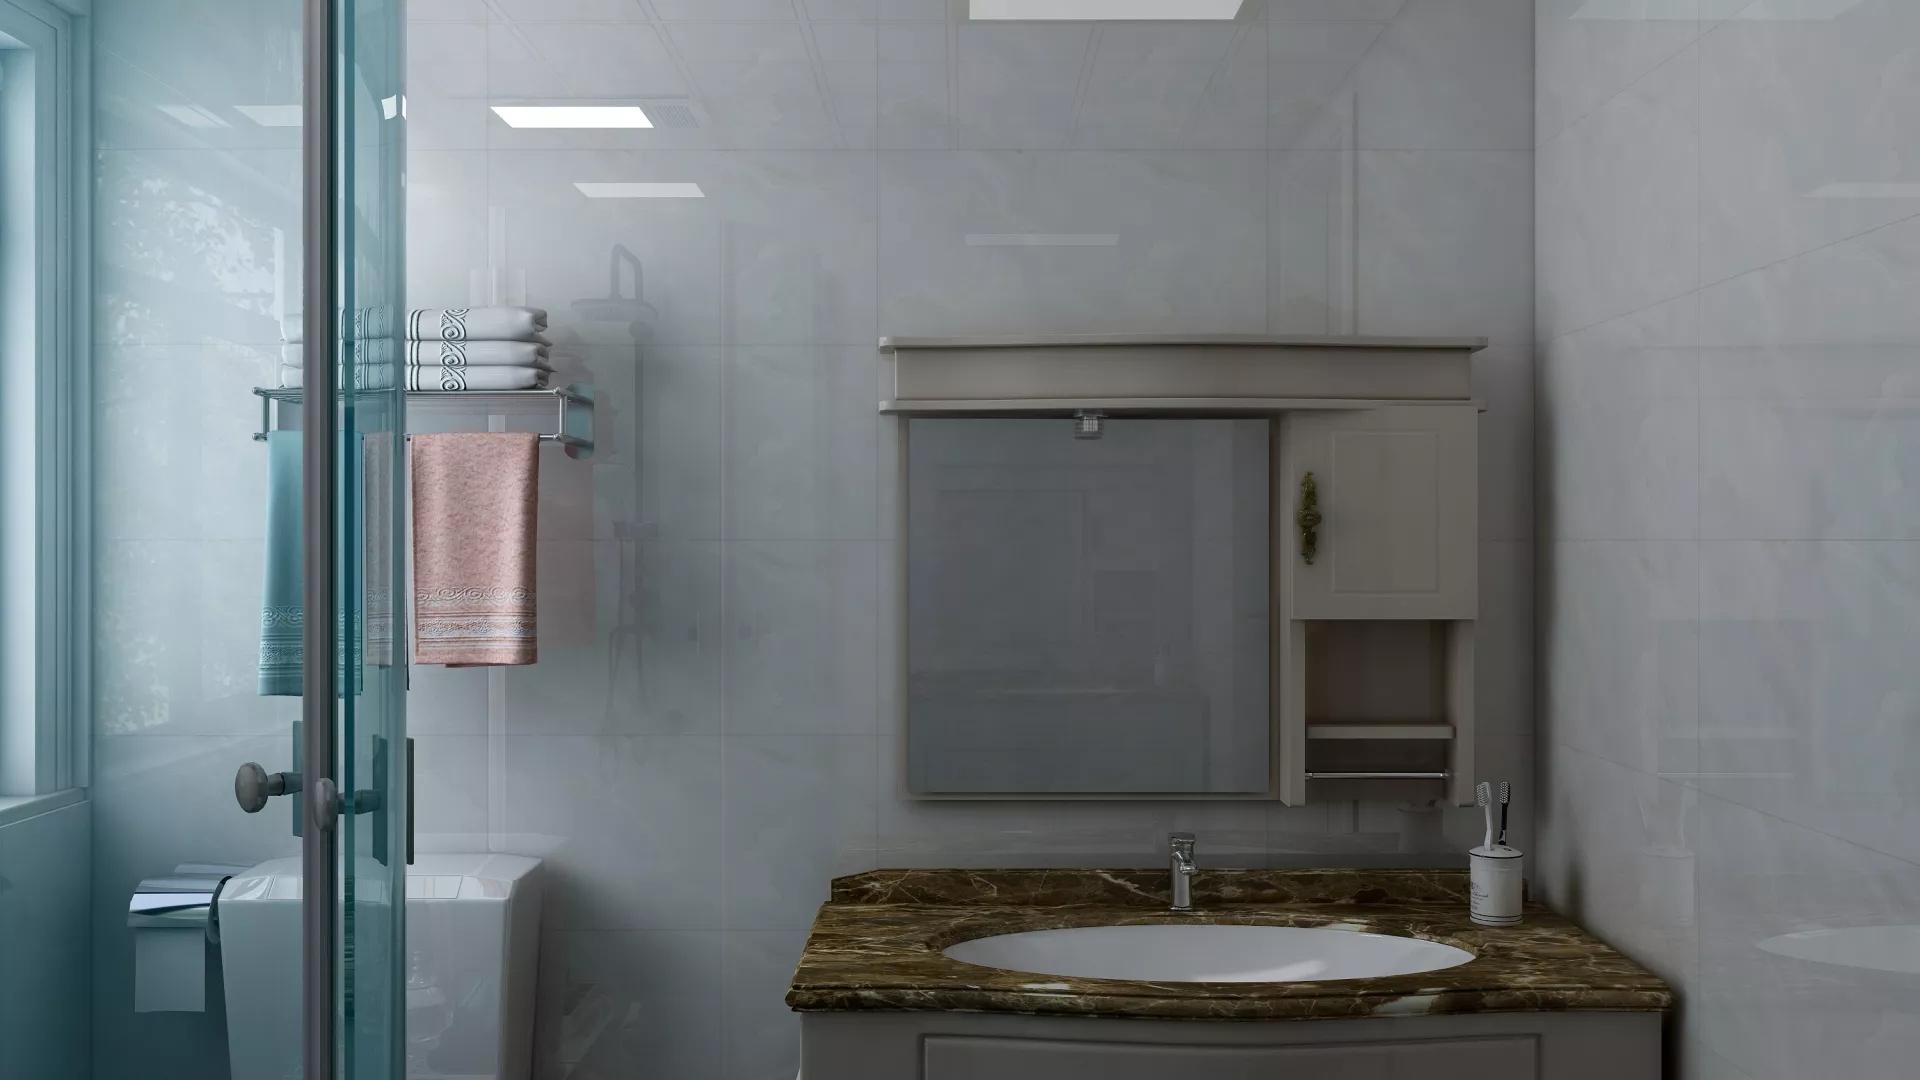 浴霸的功率是多少  浴霸使用注意事项